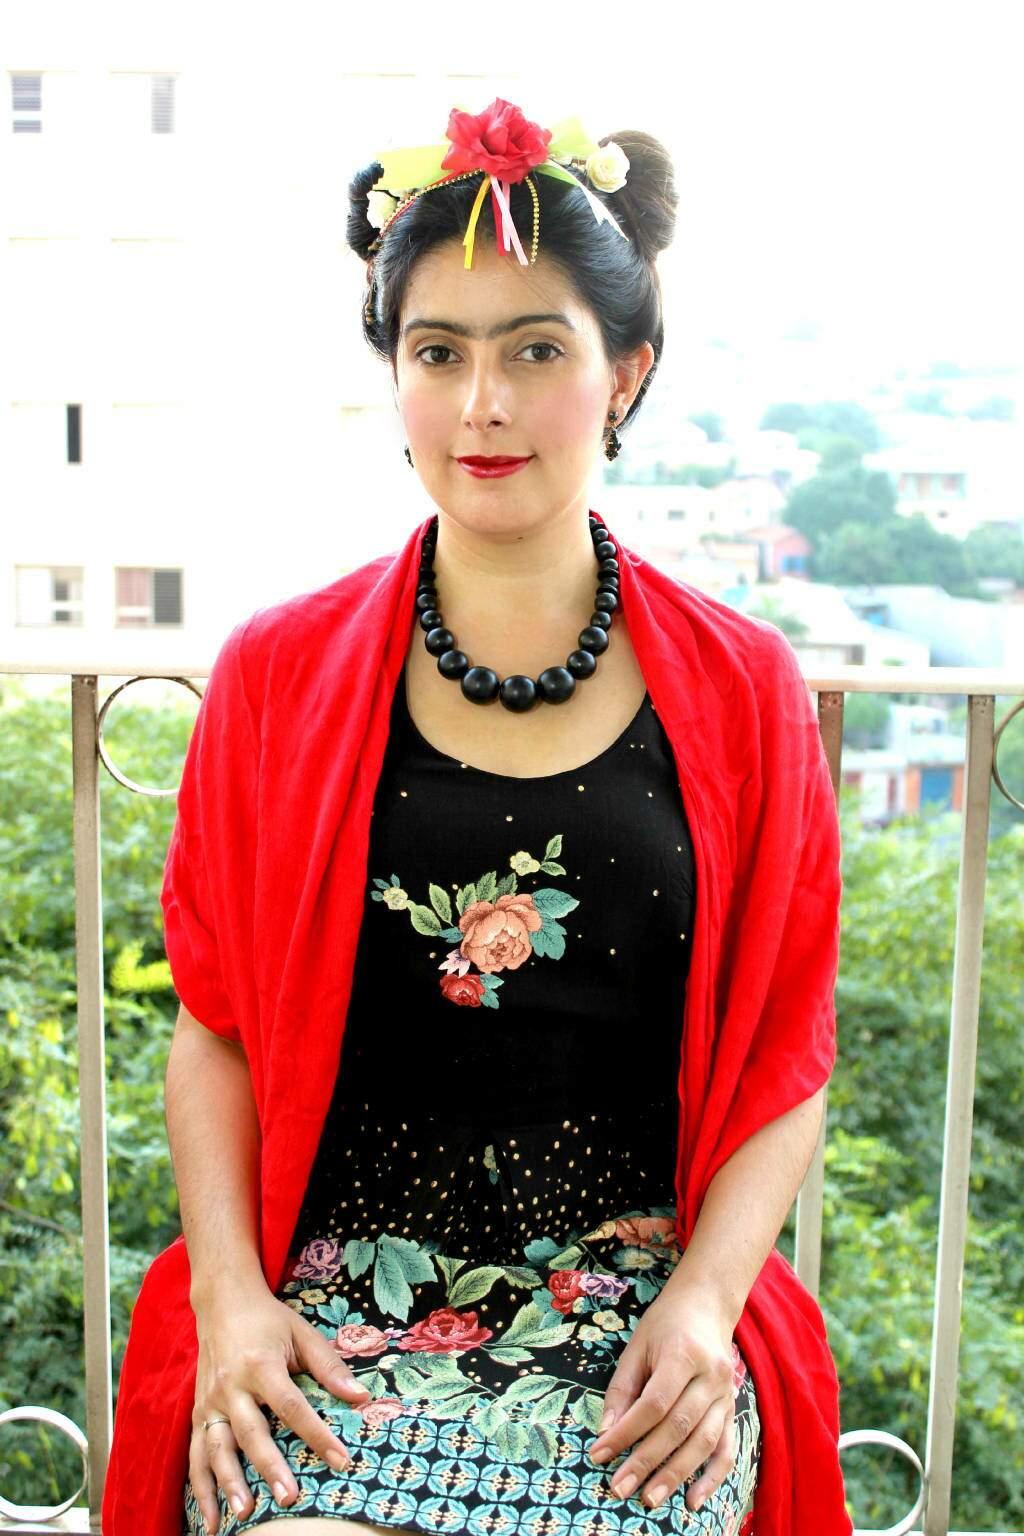 Look de carnaval_Frida Kahlo_rosto_blog el ropero